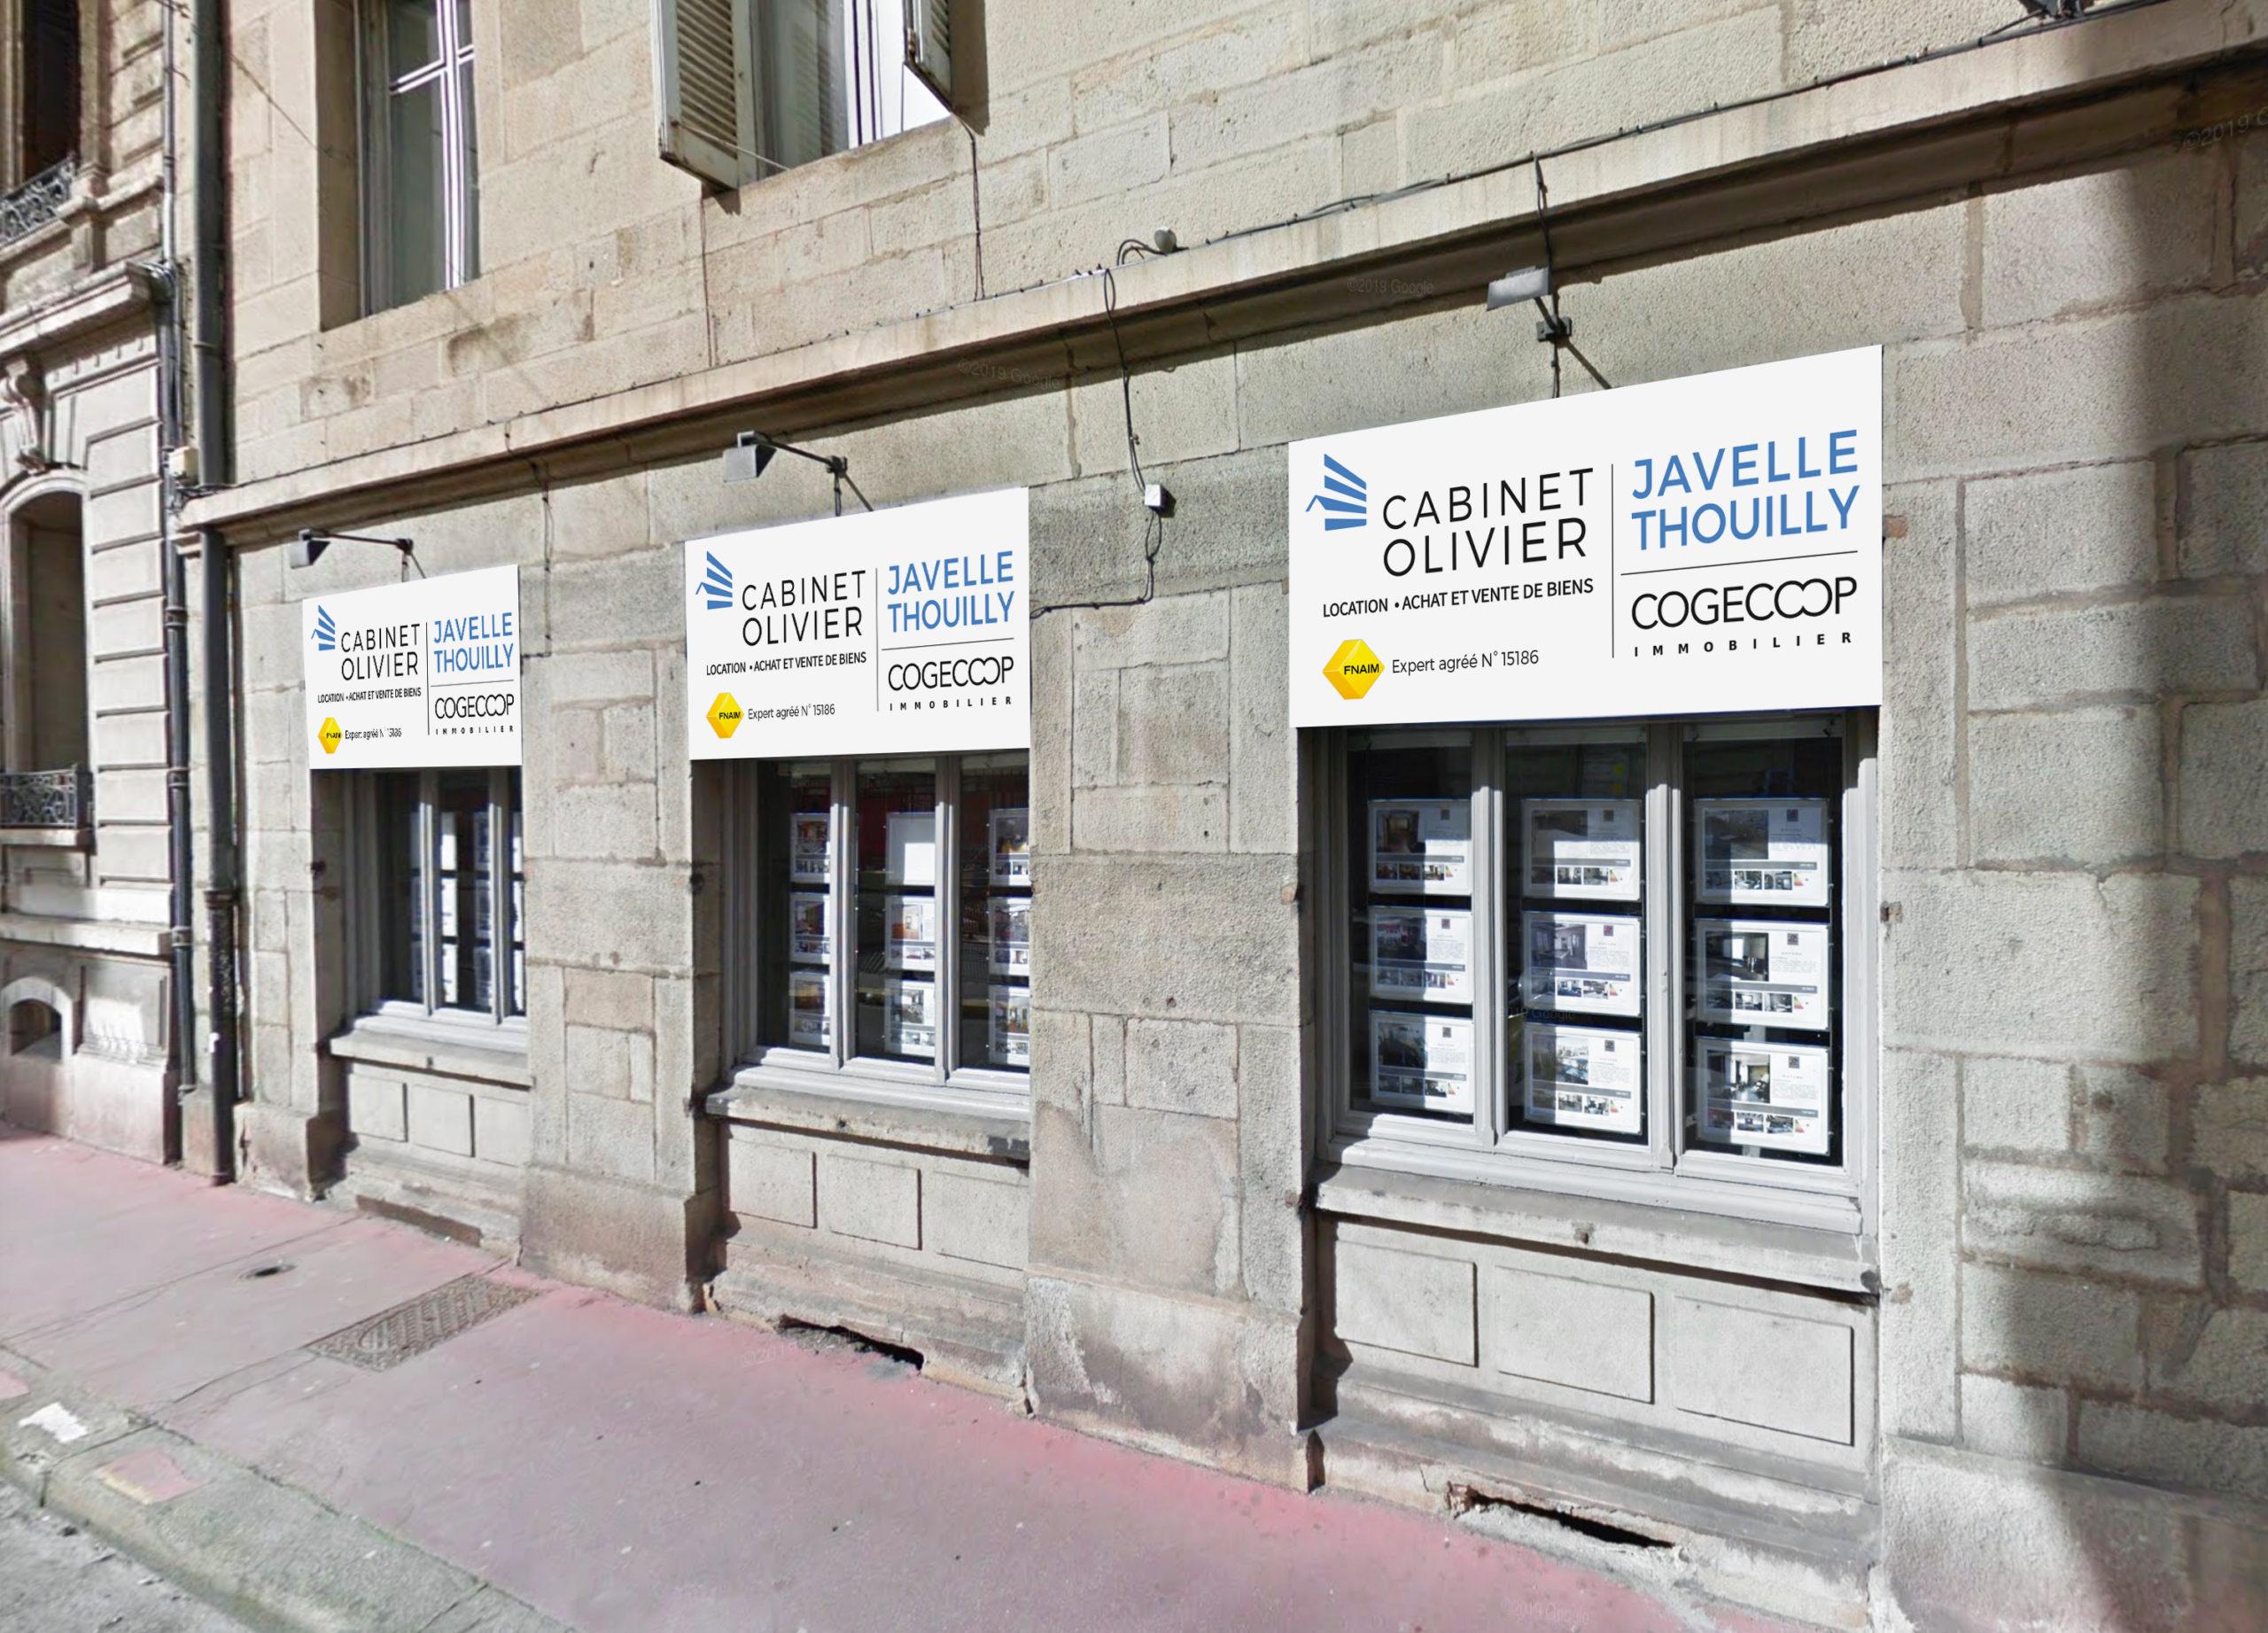 Cogecoop fait l'acquisition du cabinet stéphanois Javelle-Thouilly